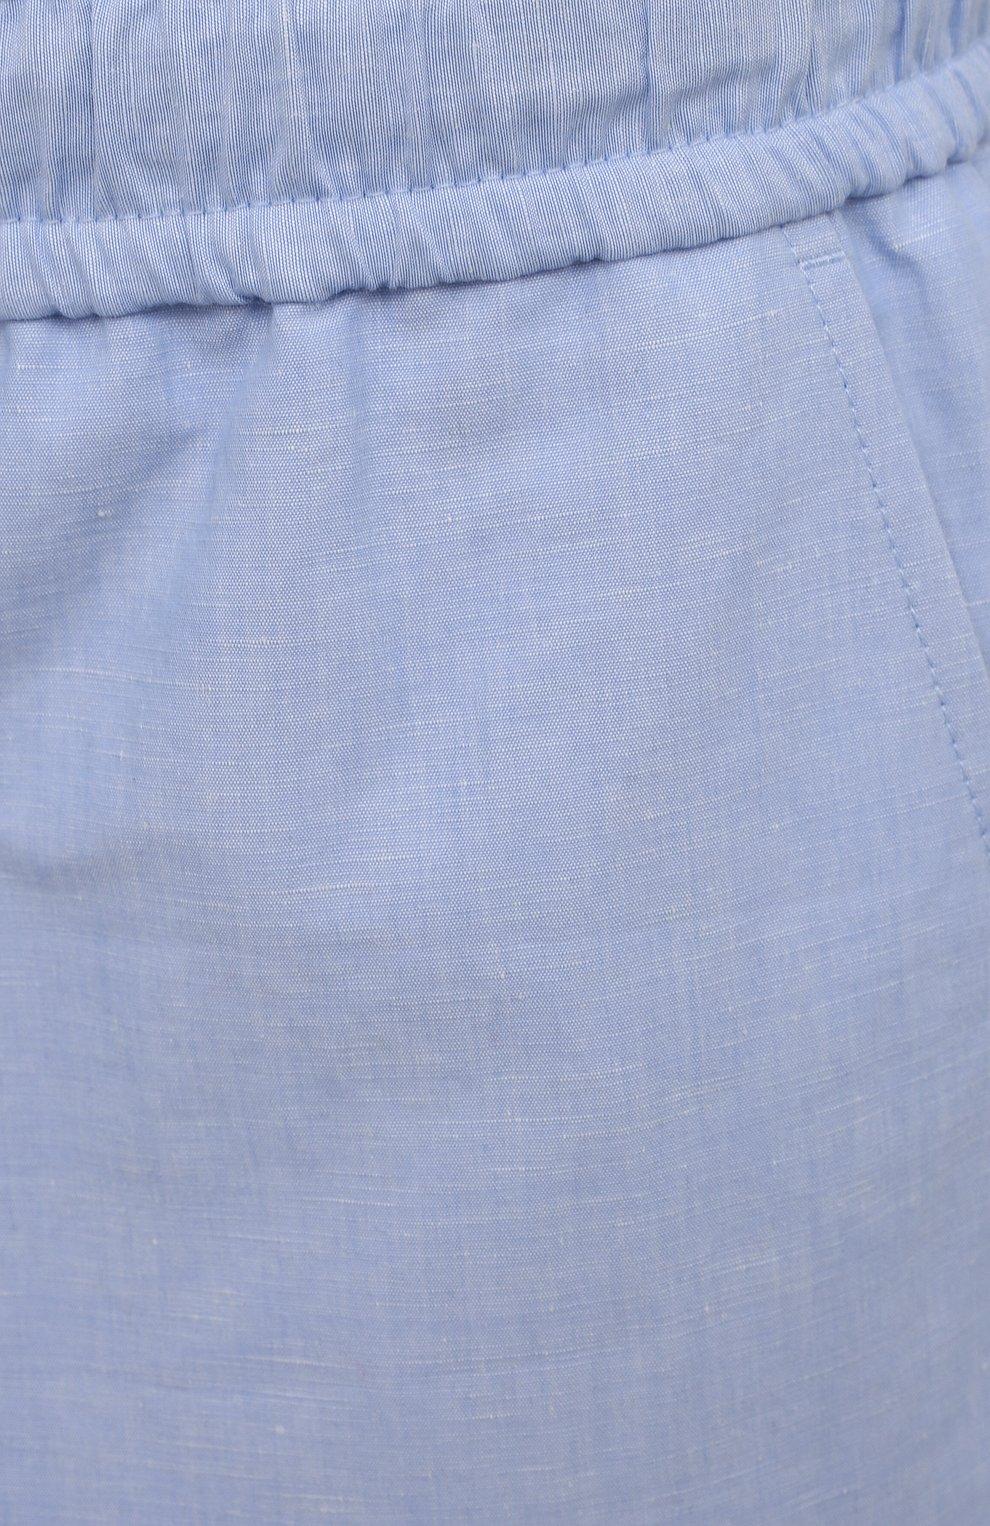 Мужские шорты изо льна и хлопка DOLCE & GABBANA голубого цвета, арт. GYUBAZ/FU4F6 | Фото 5 (Мужское Кросс-КТ: Шорты-одежда; Длина Шорты М: До колена; Принт: Без принта; Материал внешний: Хлопок, Лен; Стили: Кэжуэл)